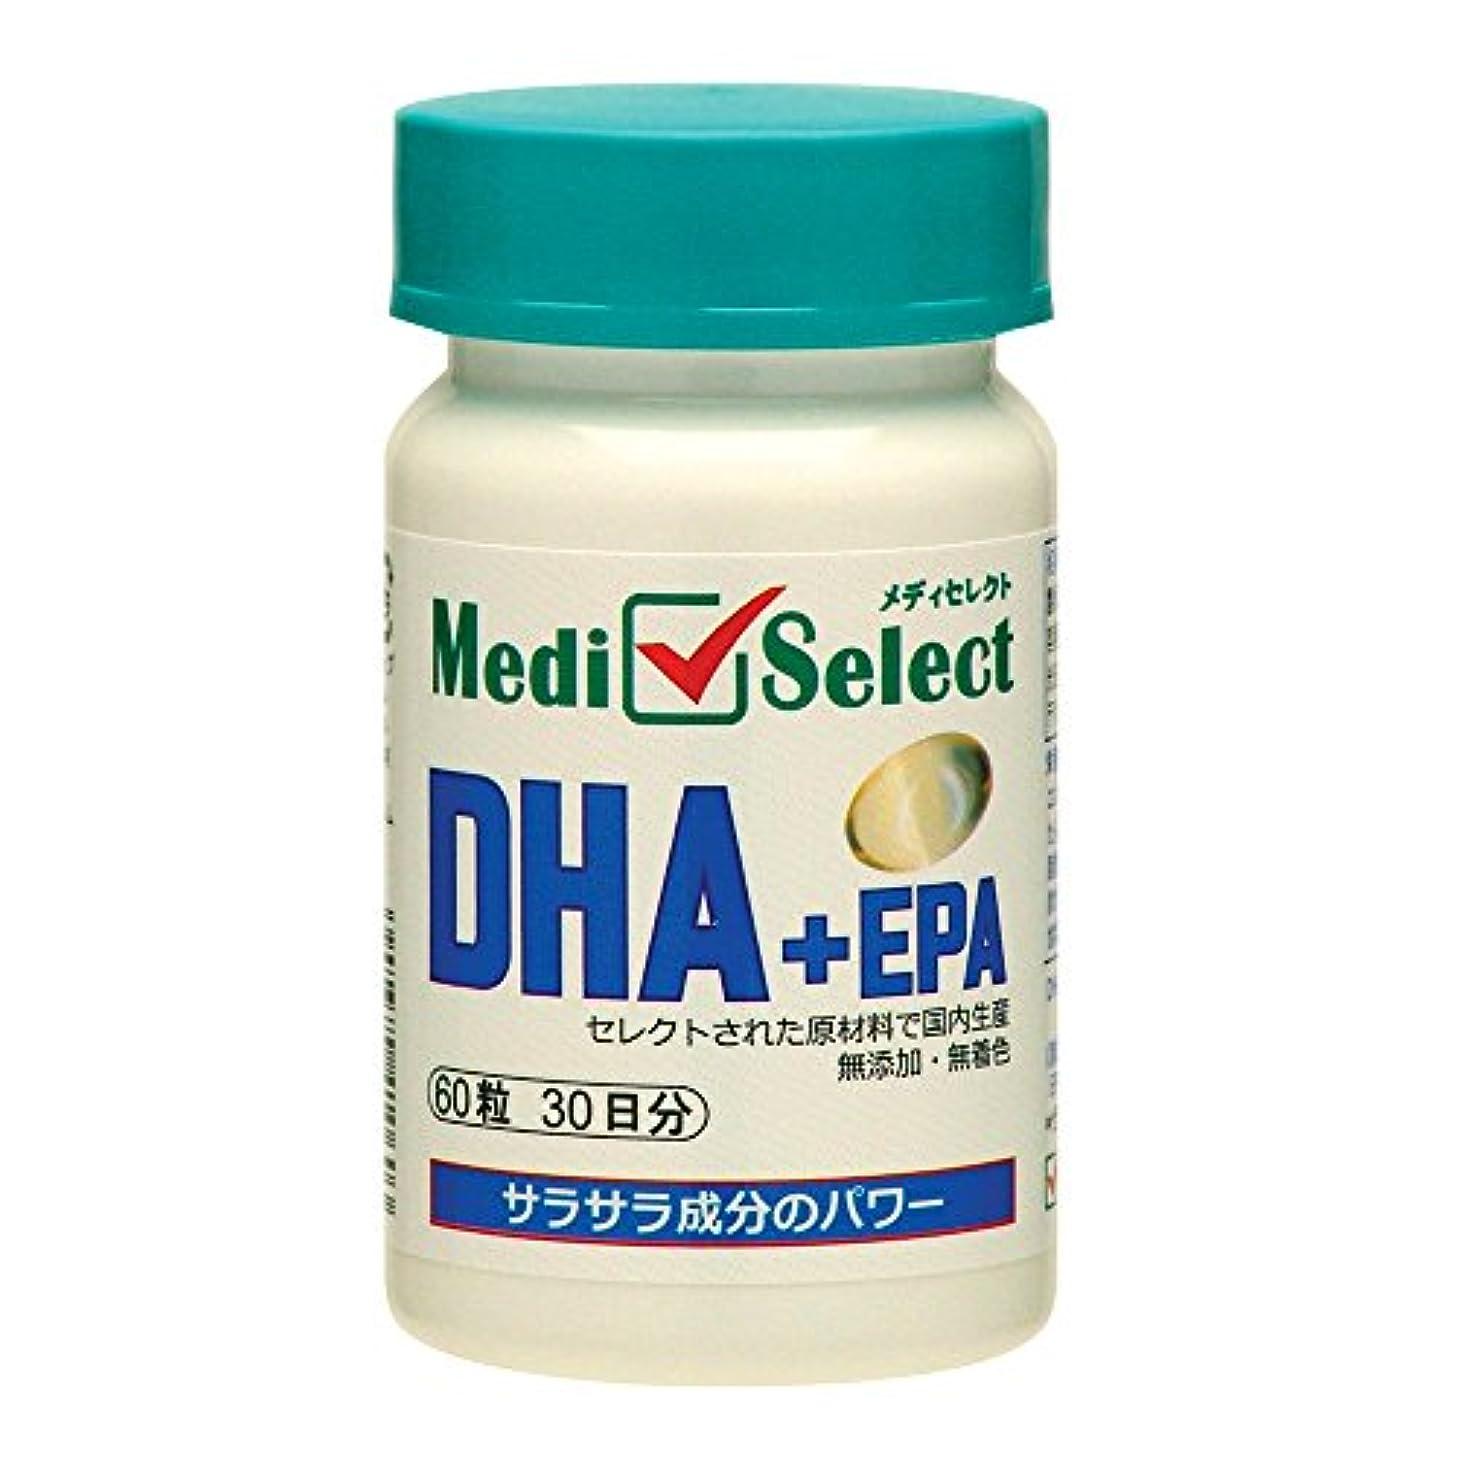 秘書アマチュアパイプメディセレクト DHA+EPA 60粒(30日分)